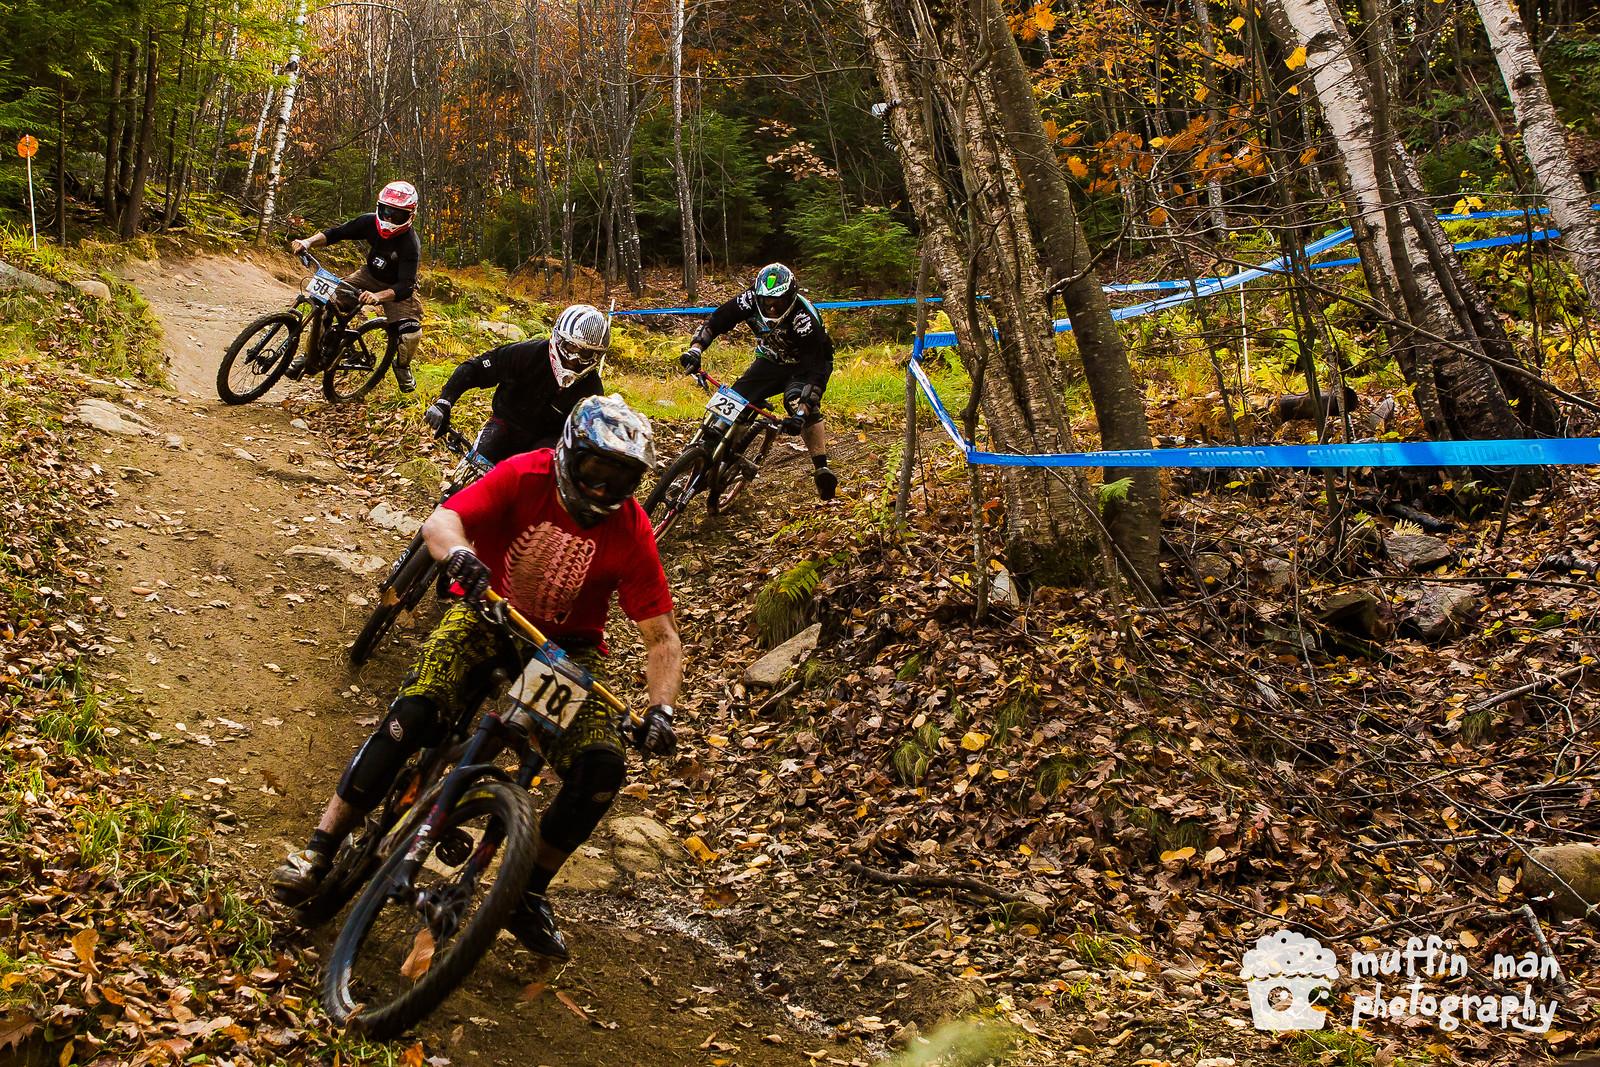 20121021-2I7C0195 - gleb.budilovsky - Mountain Biking Pictures - Vital MTB